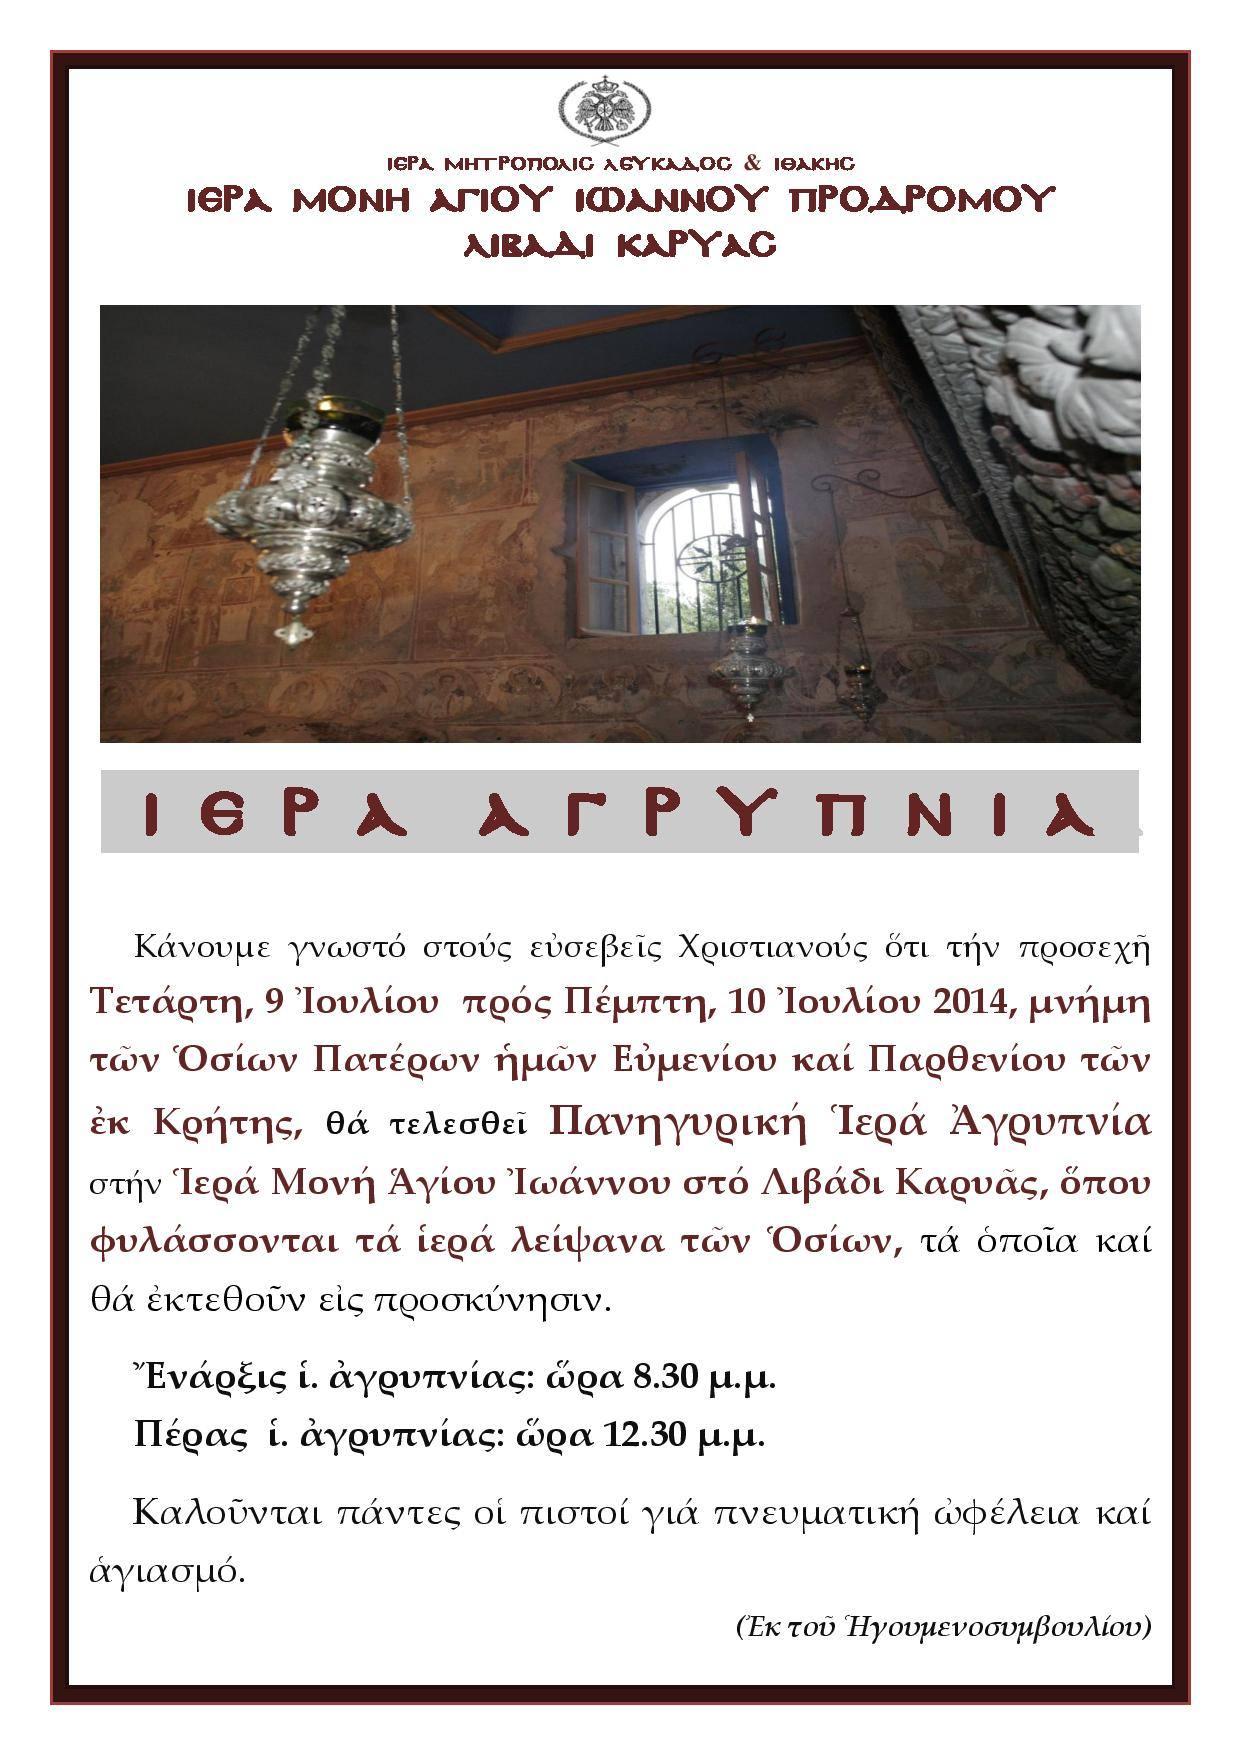 Αγρυπνία Ευμενίου και Παρθενίου Λιβάδι 2014-page-001